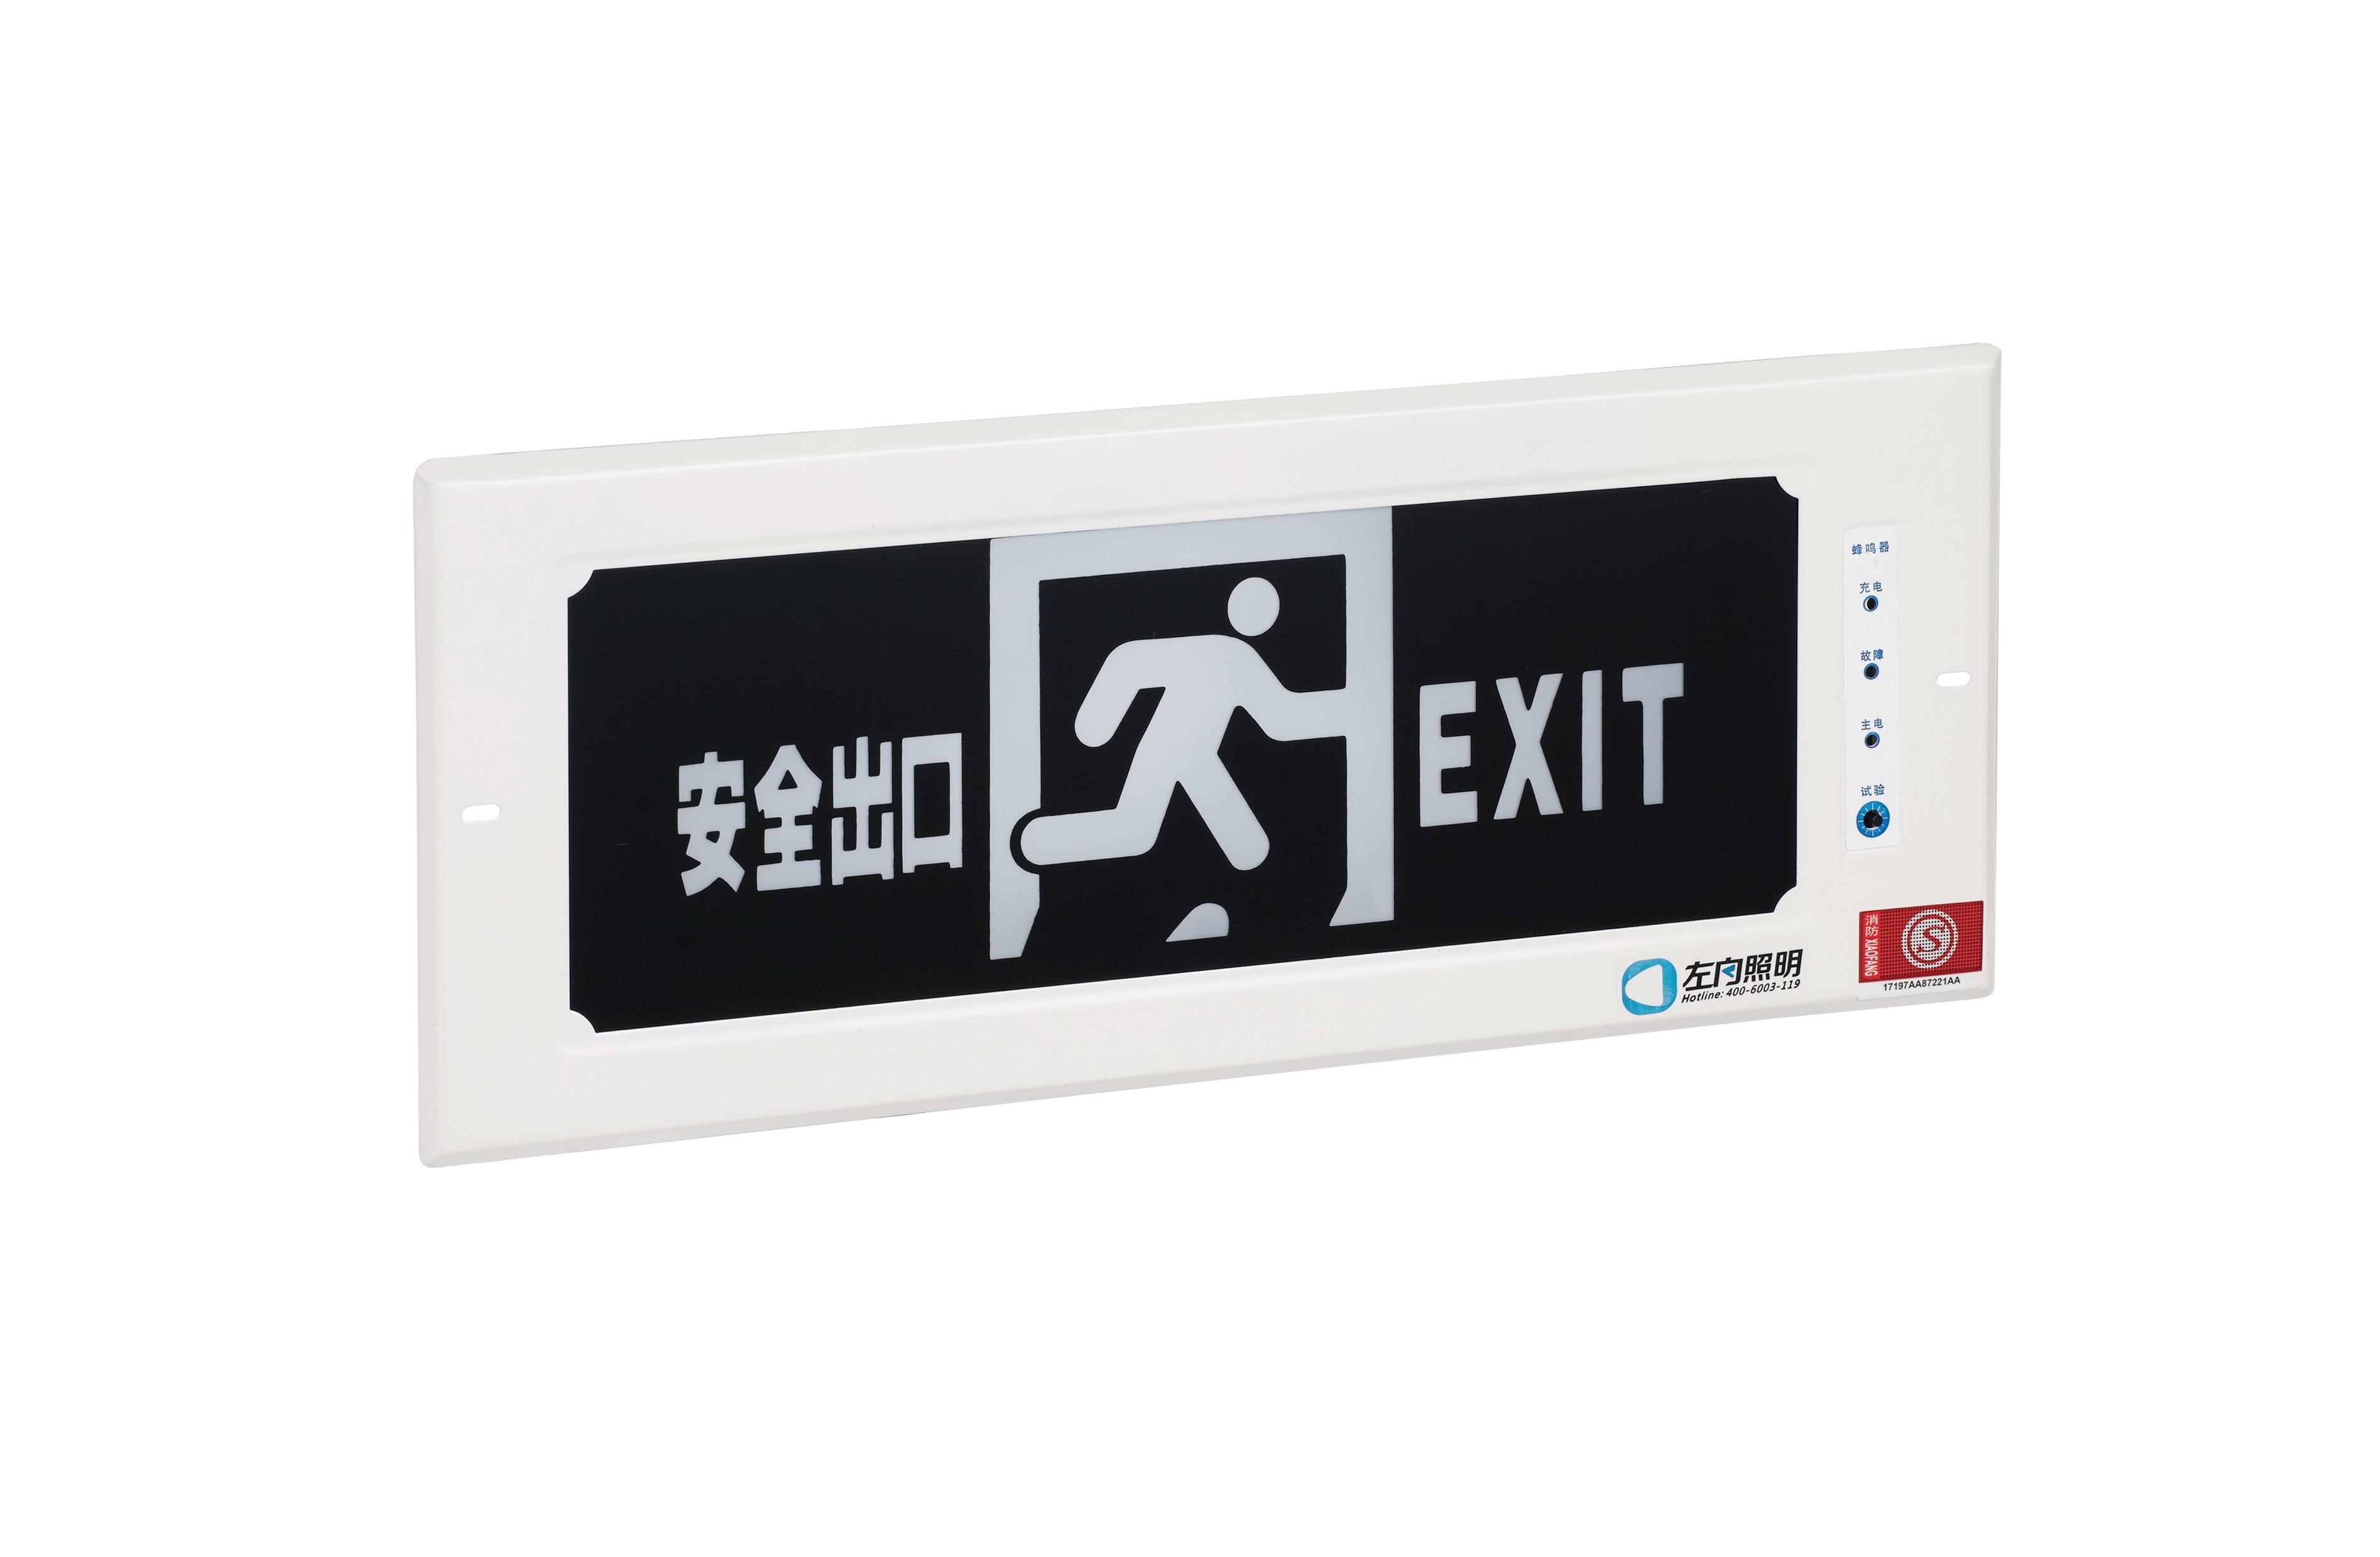 消防應急指示燈應急照明時間